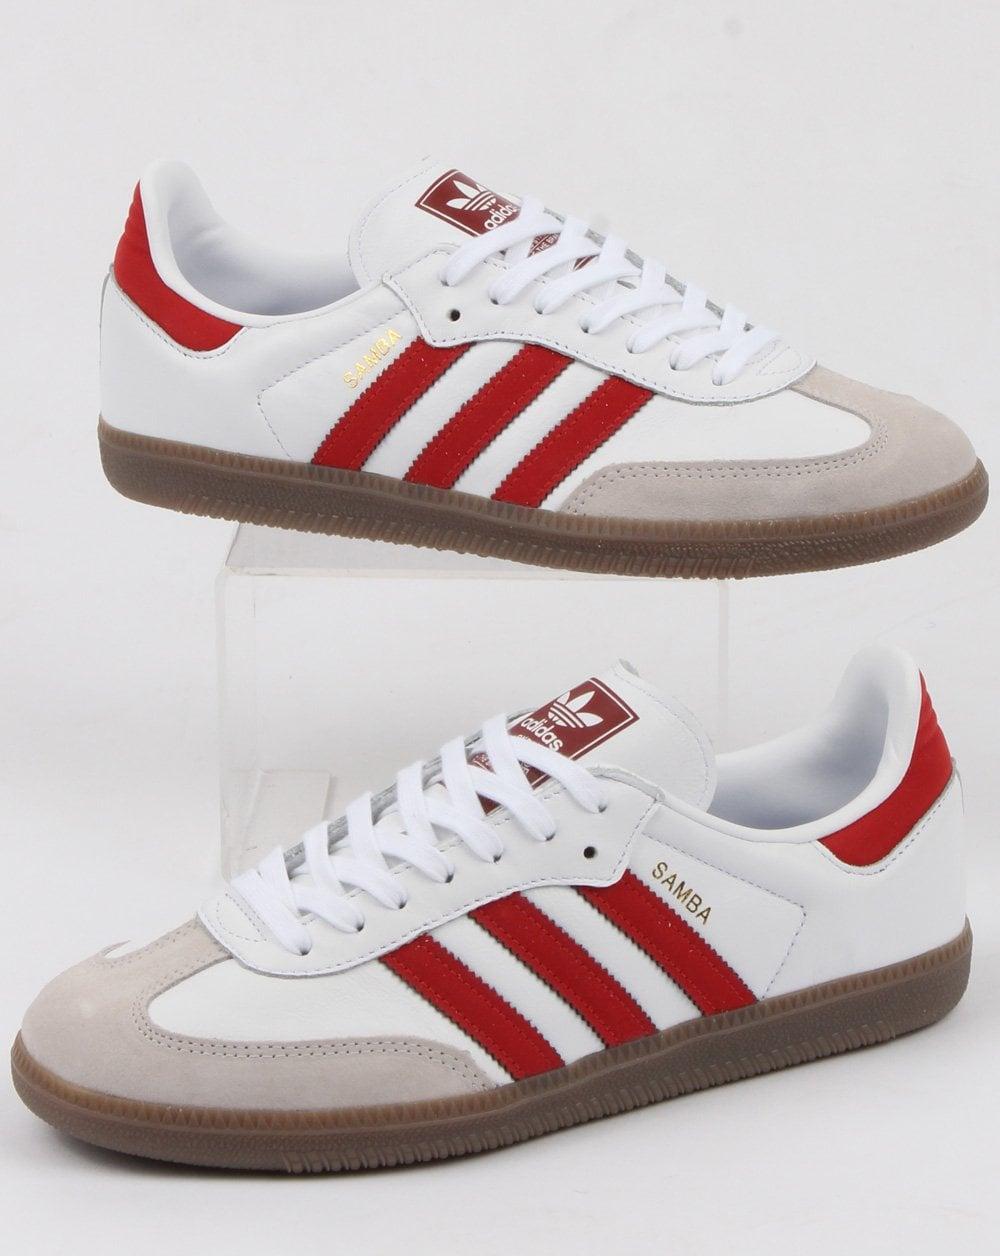 adidas samba white red Shop Clothing